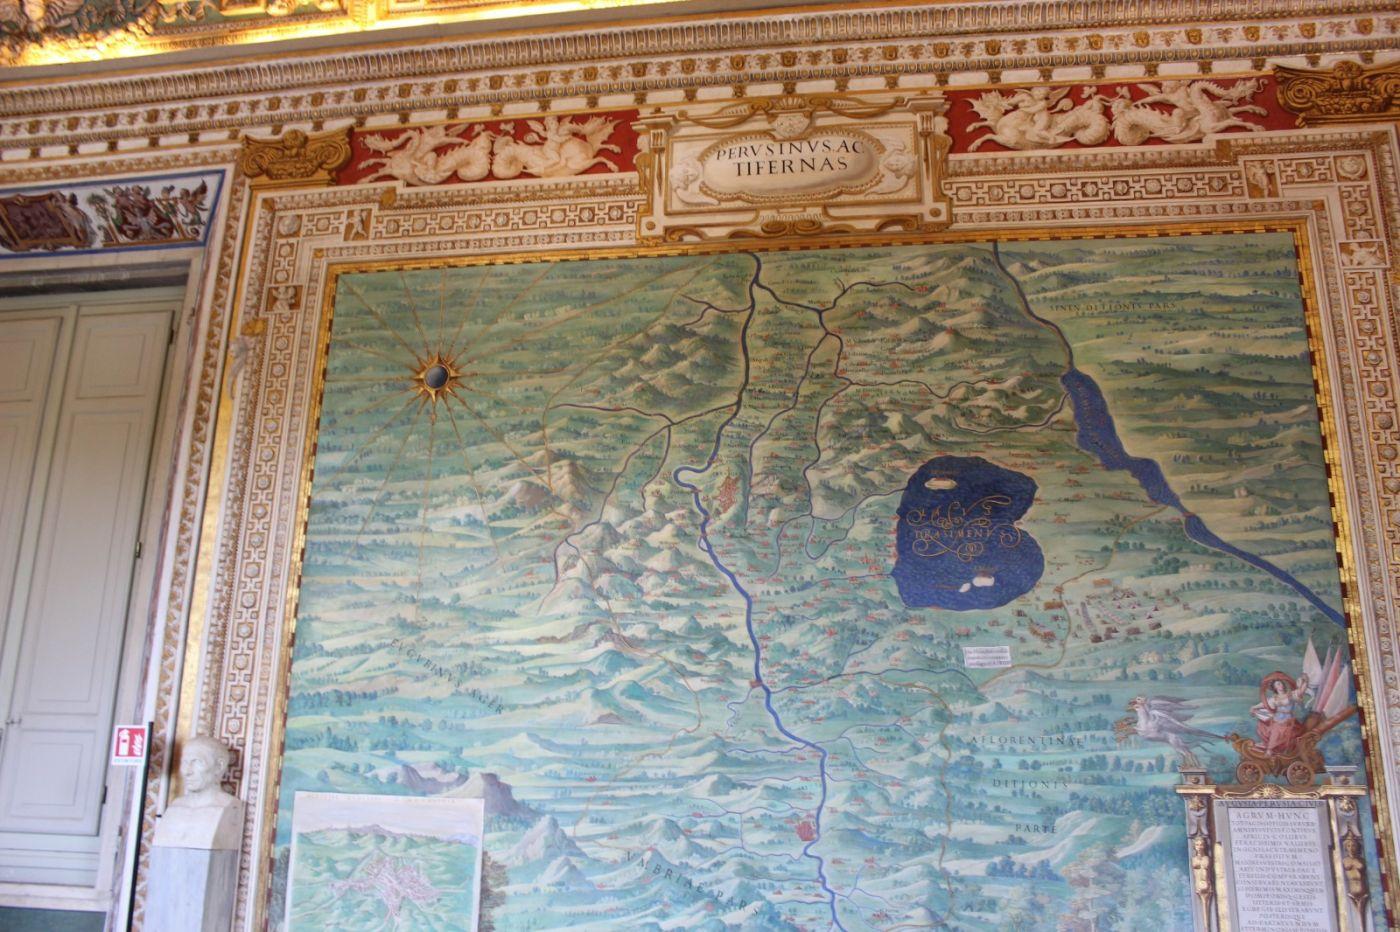 上帝之城:梵蒂冈印象_图1-19